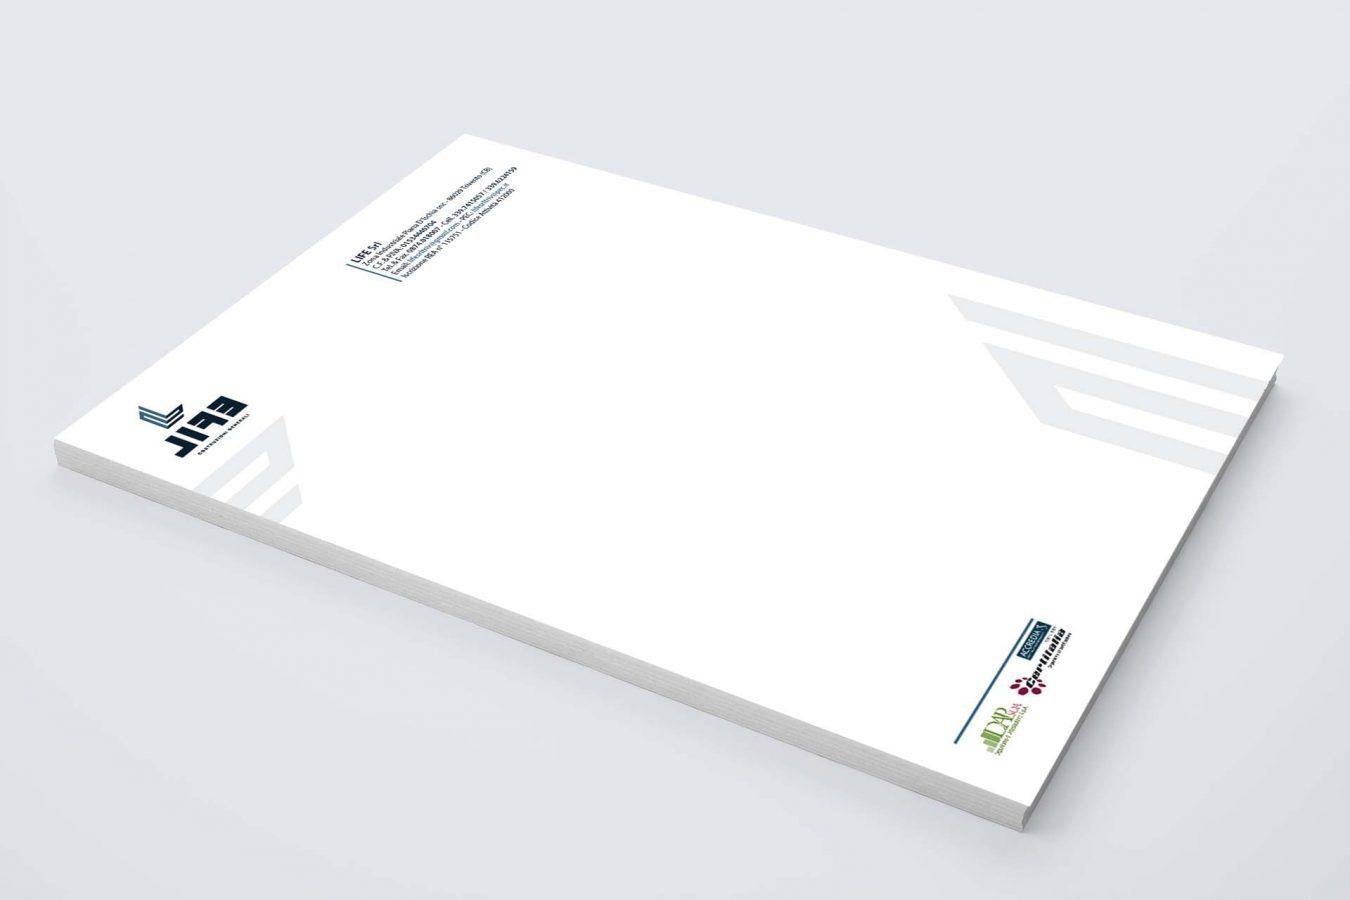 Carta intestata, logo, brand pubblicità marketing campobasso